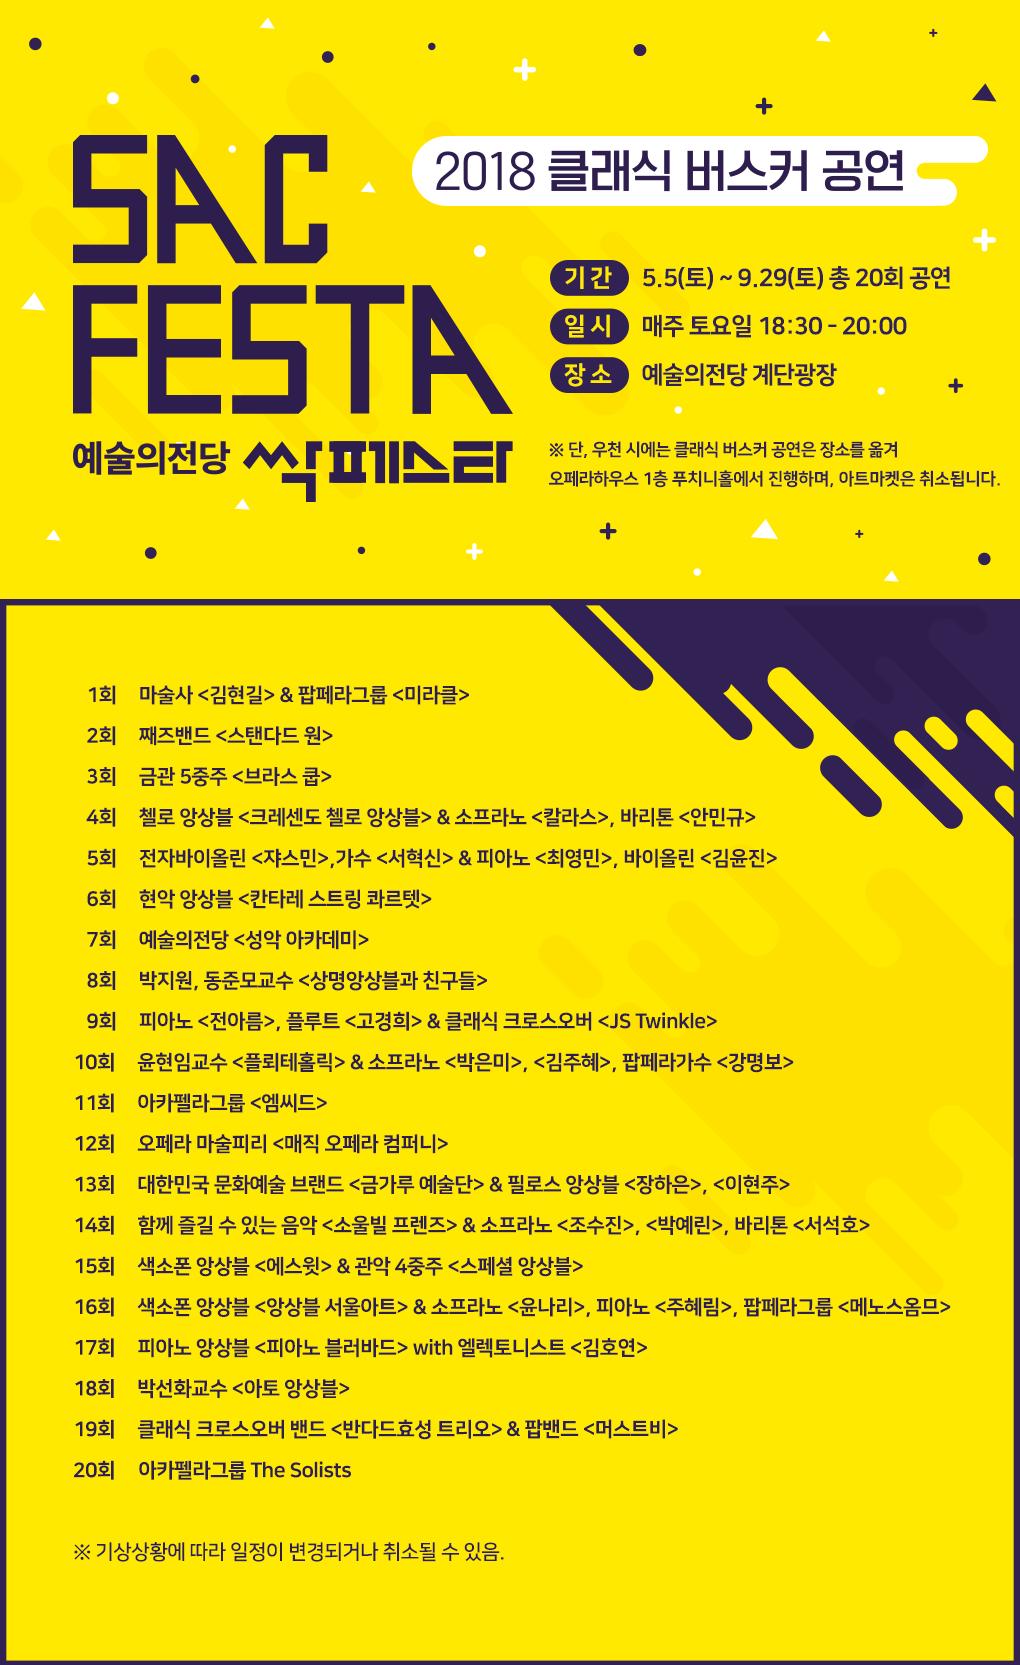 예술의전당 싹페스타(SAC FESTA) 안내 (클래식 버스커 공연), 회차별 출연진